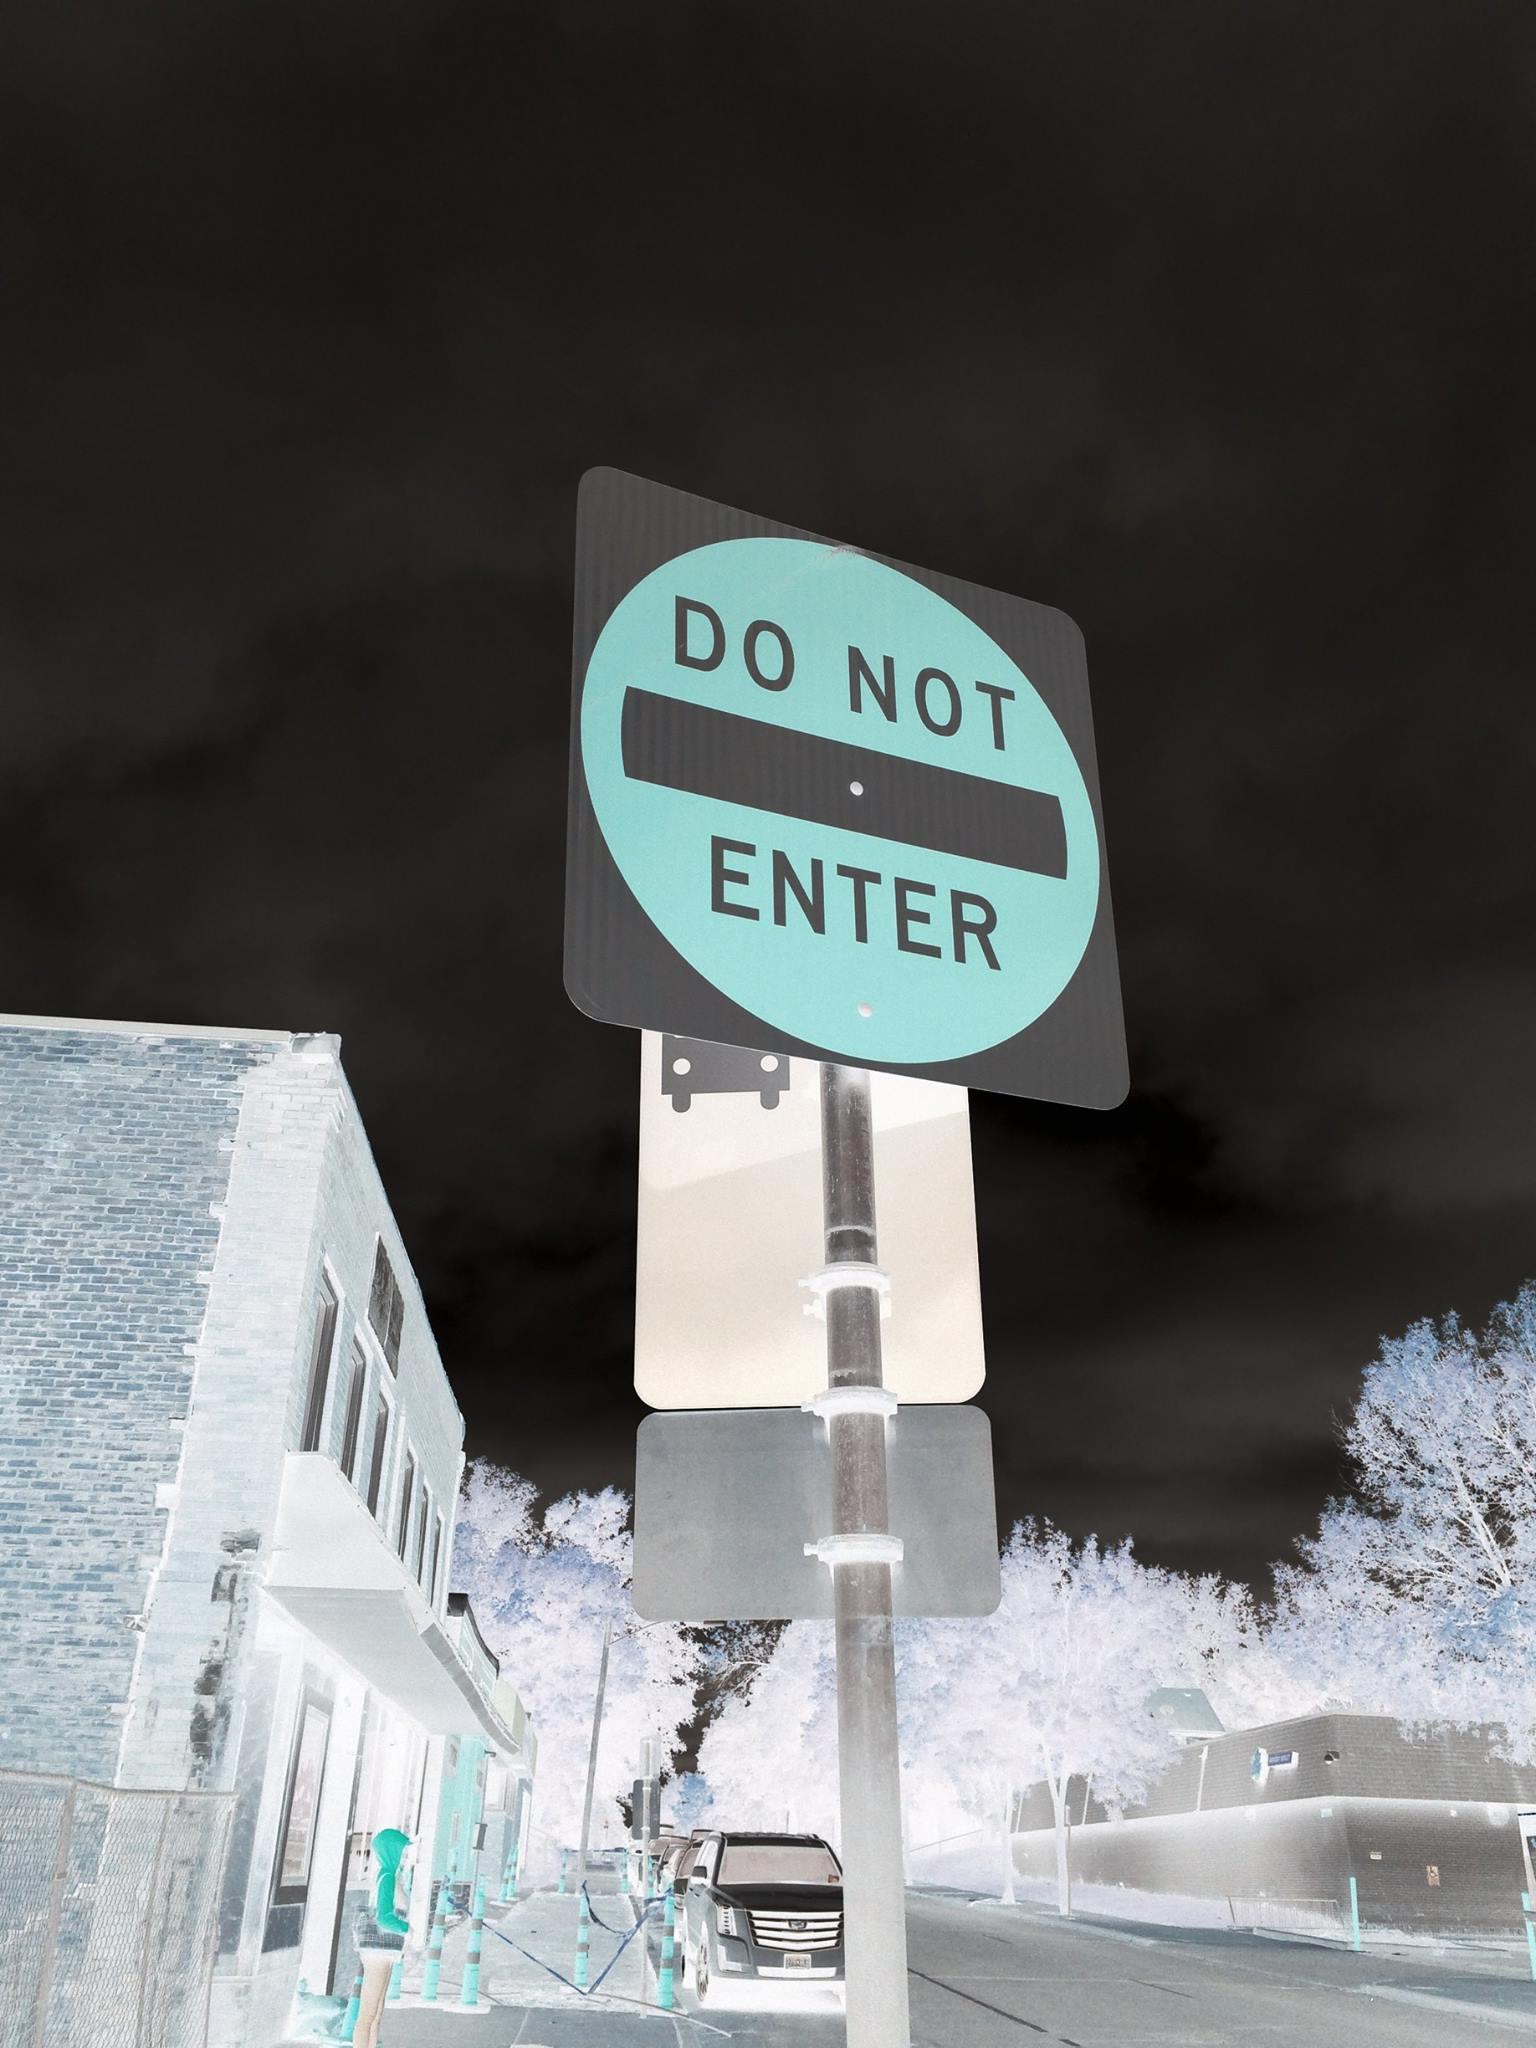 Do_Not_Enter_Inverted.jpg